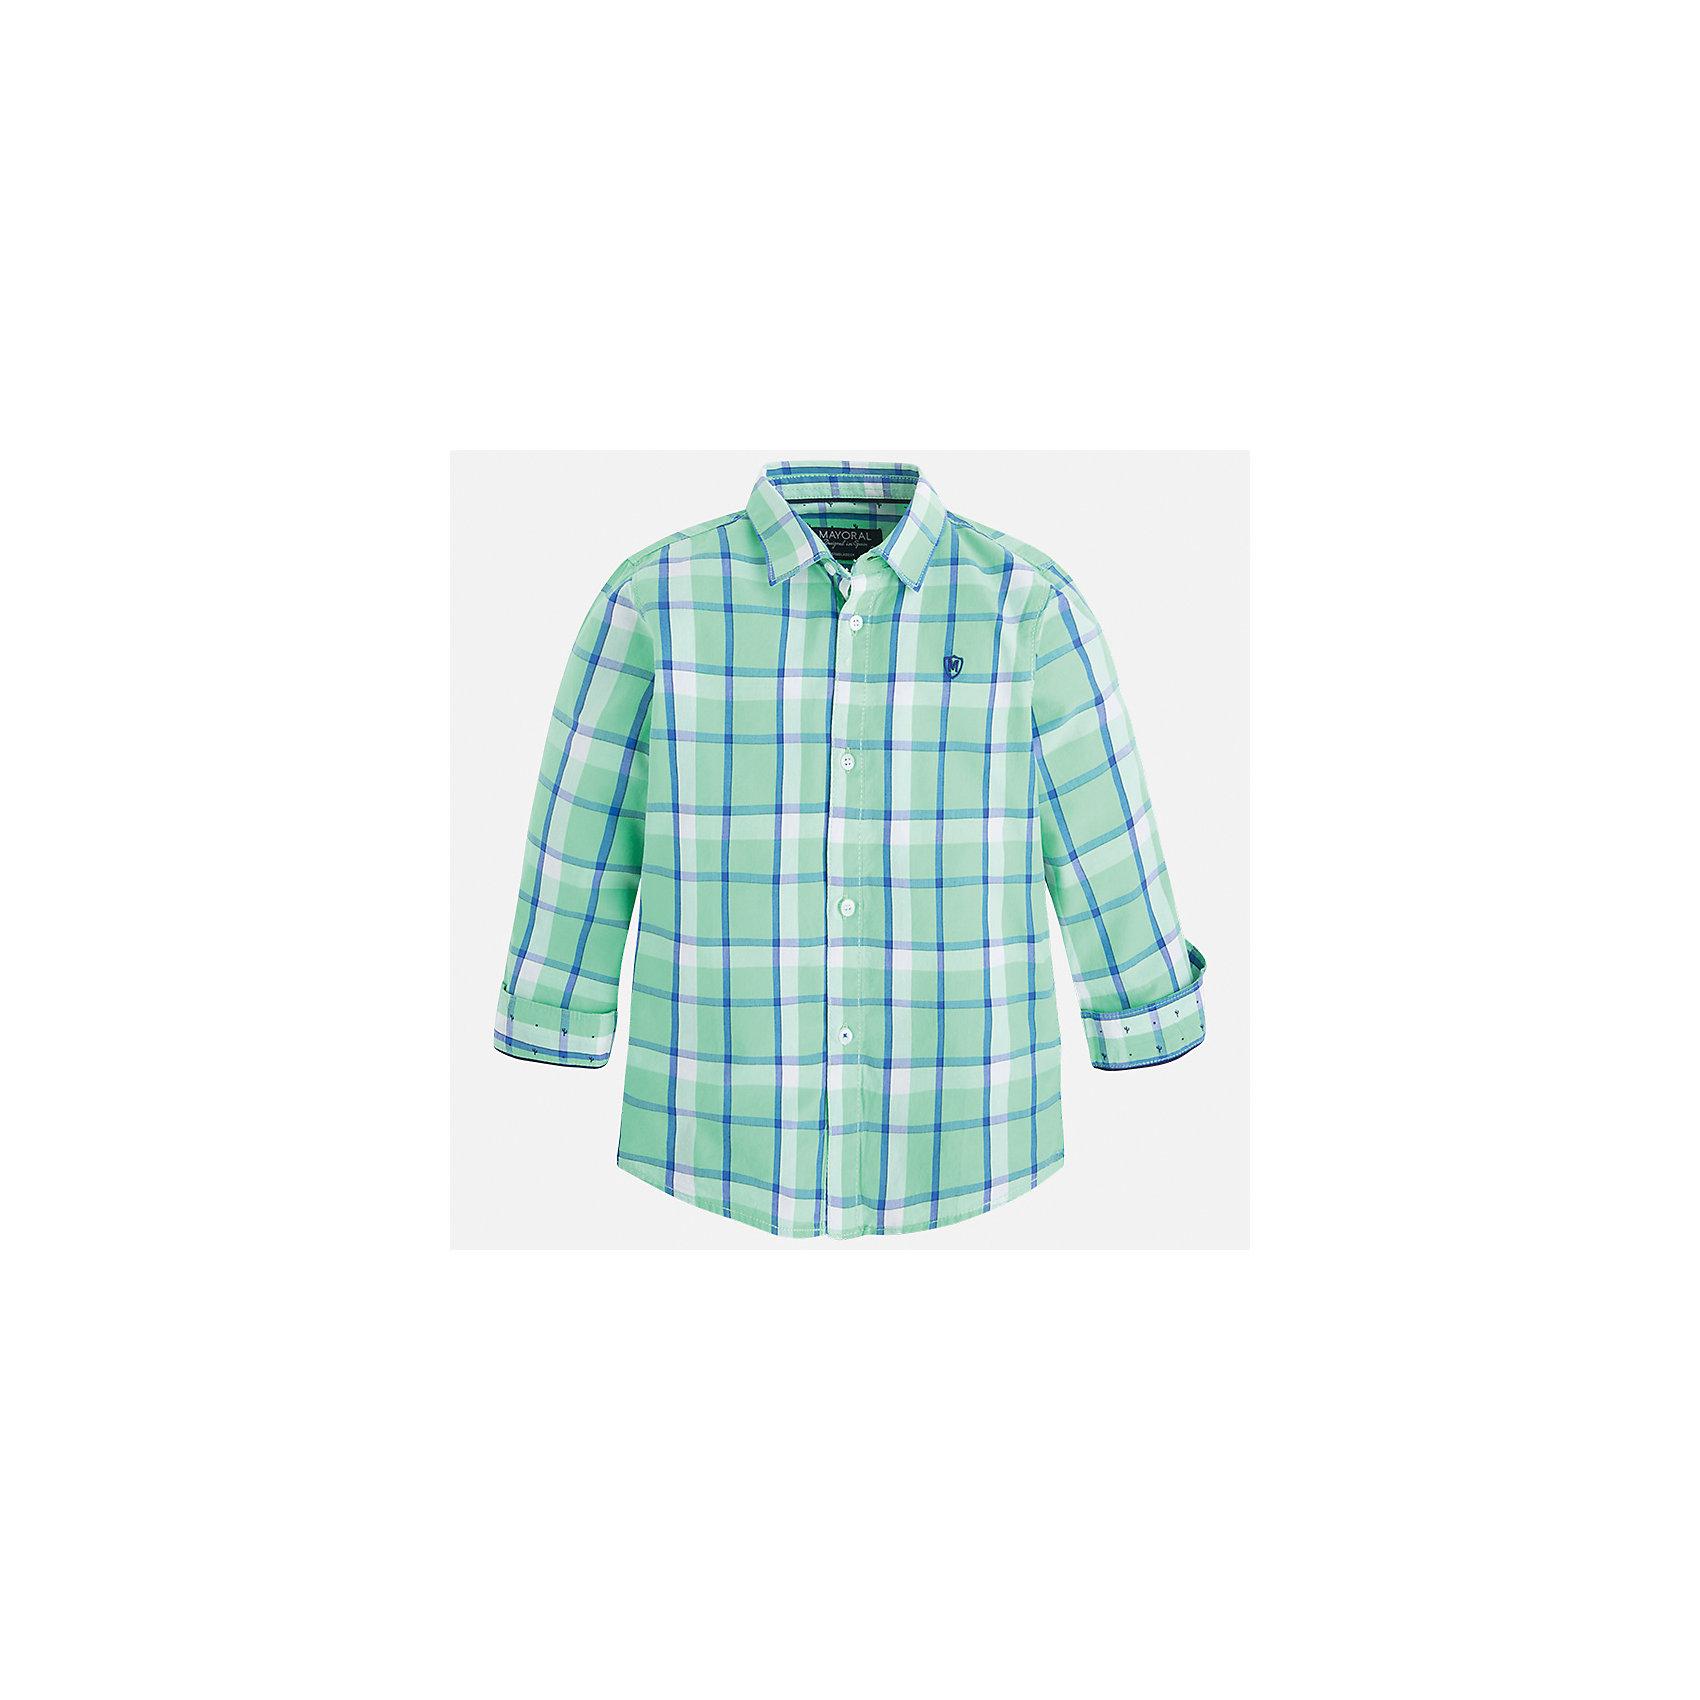 Рубашка для мальчика MayoralБлузки и рубашки<br>Характеристики товара:<br><br>• цвет: зеленый<br>• состав: 100% хлопок<br>• отложной воротник<br>• рукава с отворотами<br>• застежка: пуговицы<br>• вышивка на груди<br>• страна бренда: Испания<br><br>Удобная модная рубашка-поло для мальчика может стать базовой вещью в гардеробе ребенка. Она отлично сочетается с брюками, шортами, джинсами и т.д. Универсальный крой и цвет позволяет подобрать к вещи низ разных расцветок. Практичное и стильное изделие! В составе материала - только натуральный хлопок, гипоаллергенный, приятный на ощупь, дышащий.<br><br>Одежда, обувь и аксессуары от испанского бренда Mayoral полюбились детям и взрослым по всему миру. Модели этой марки - стильные и удобные. Для их производства используются только безопасные, качественные материалы и фурнитура. Порадуйте ребенка модными и красивыми вещами от Mayoral! <br><br>Рубашку-поло для мальчика от испанского бренда Mayoral (Майорал) можно купить в нашем интернет-магазине.<br><br>Ширина мм: 174<br>Глубина мм: 10<br>Высота мм: 169<br>Вес г: 157<br>Цвет: зеленый<br>Возраст от месяцев: 24<br>Возраст до месяцев: 36<br>Пол: Мужской<br>Возраст: Детский<br>Размер: 98,116,134,128,122,104,110,92<br>SKU: 5272432